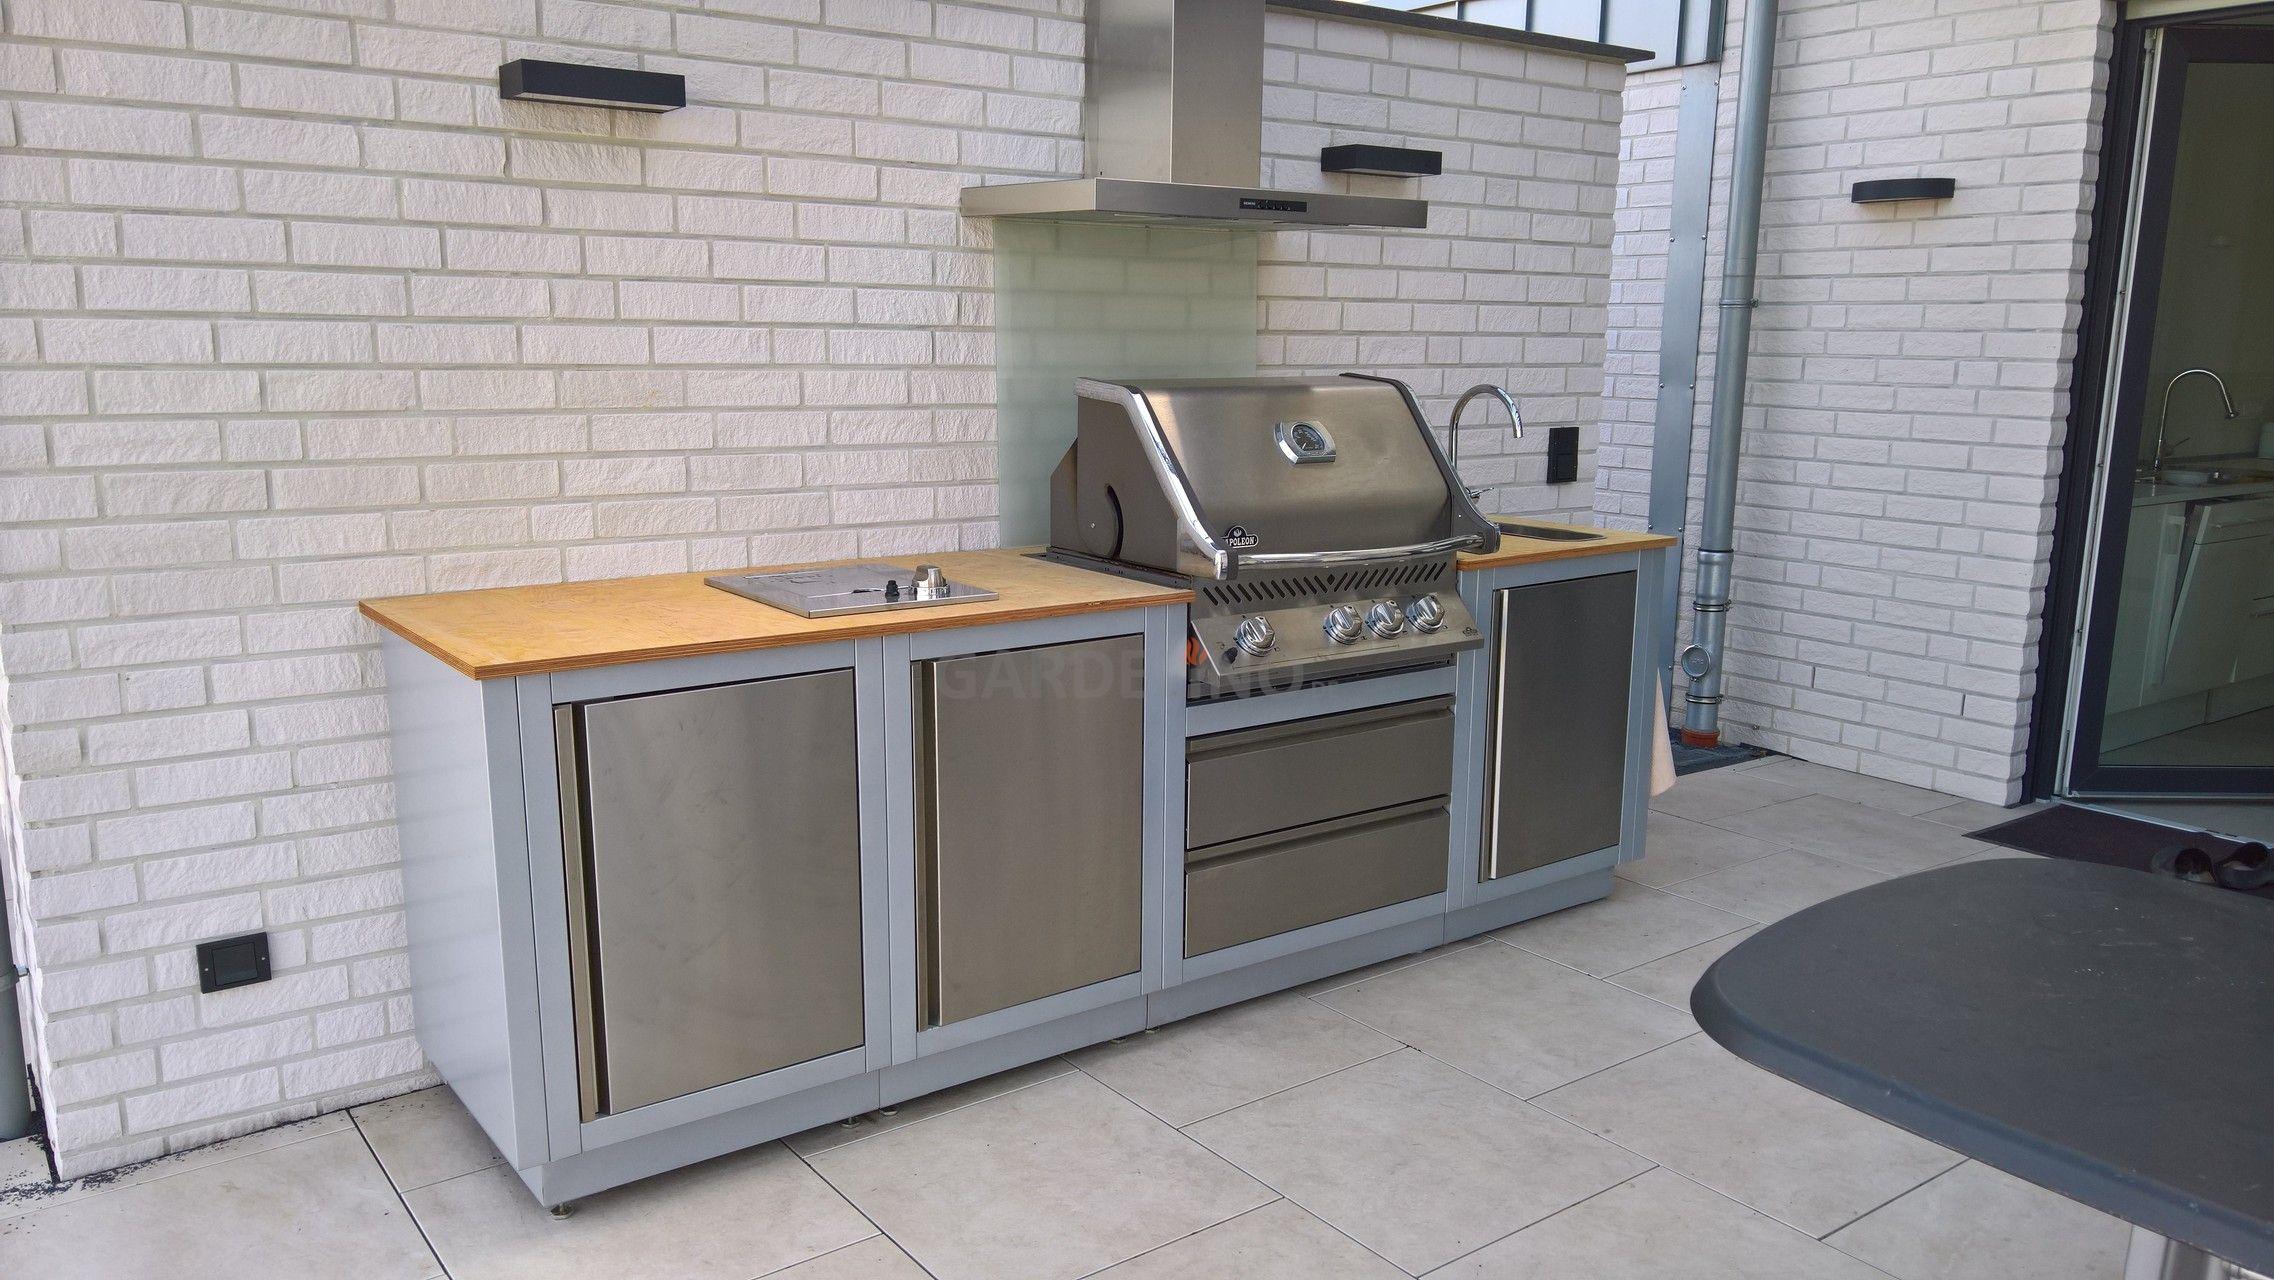 Outdoor Küche Edelstahl Vergleich : Outdoor küche edelstahl vergleich: outdoor küchen kochen im freien